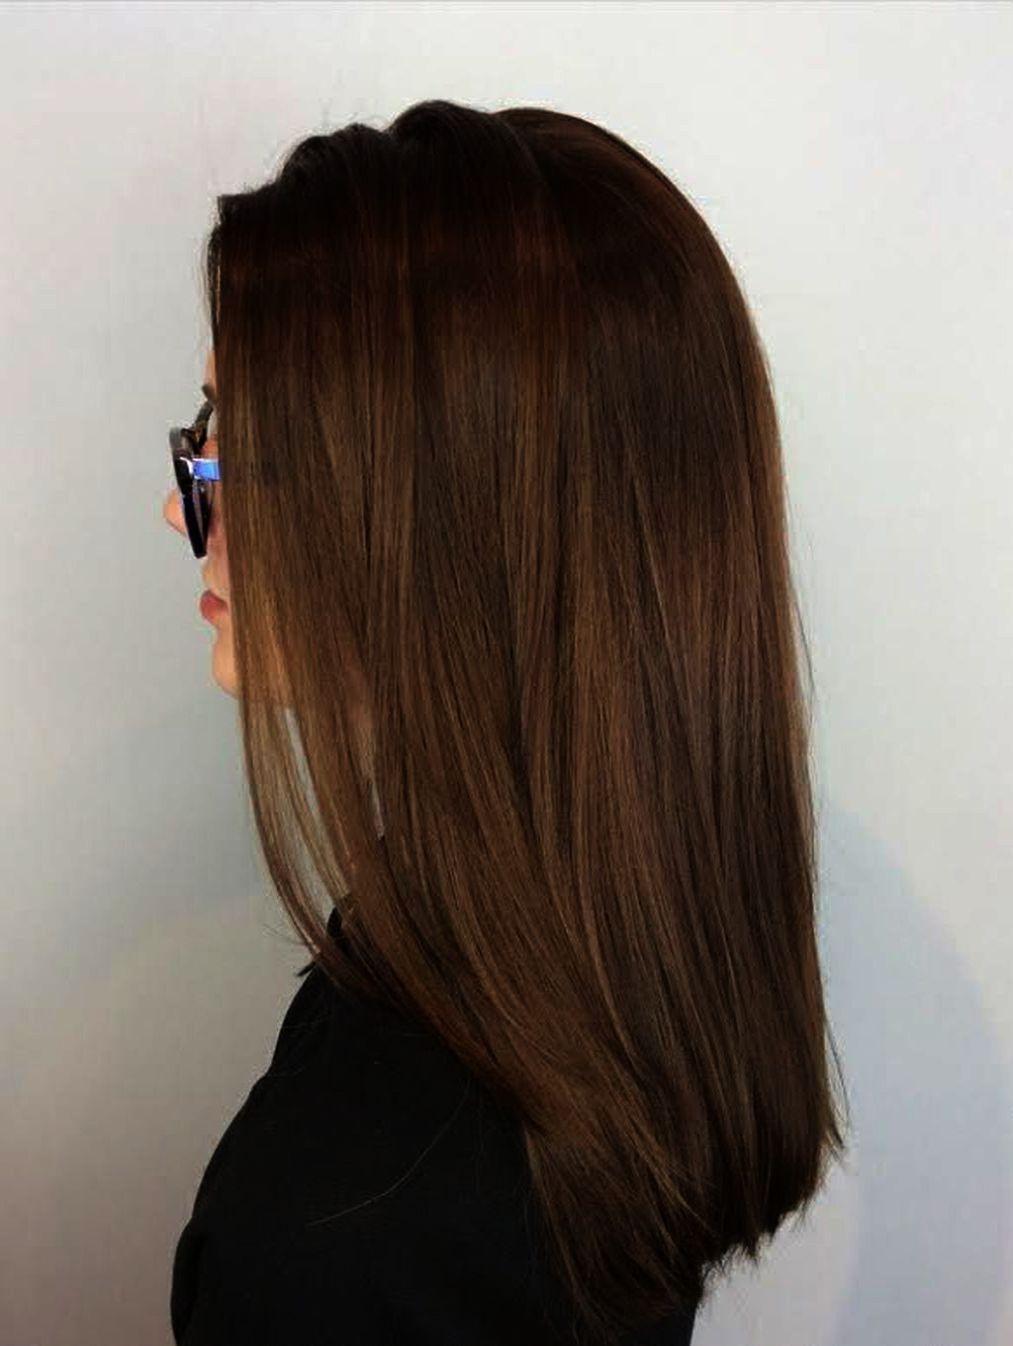 Fall Hair Color Ideas For Short Hair Some Hair Salon Near Me Korean Gaya Rambut Panjang Potongan Rambut Pendek Gaya Rambut Medium